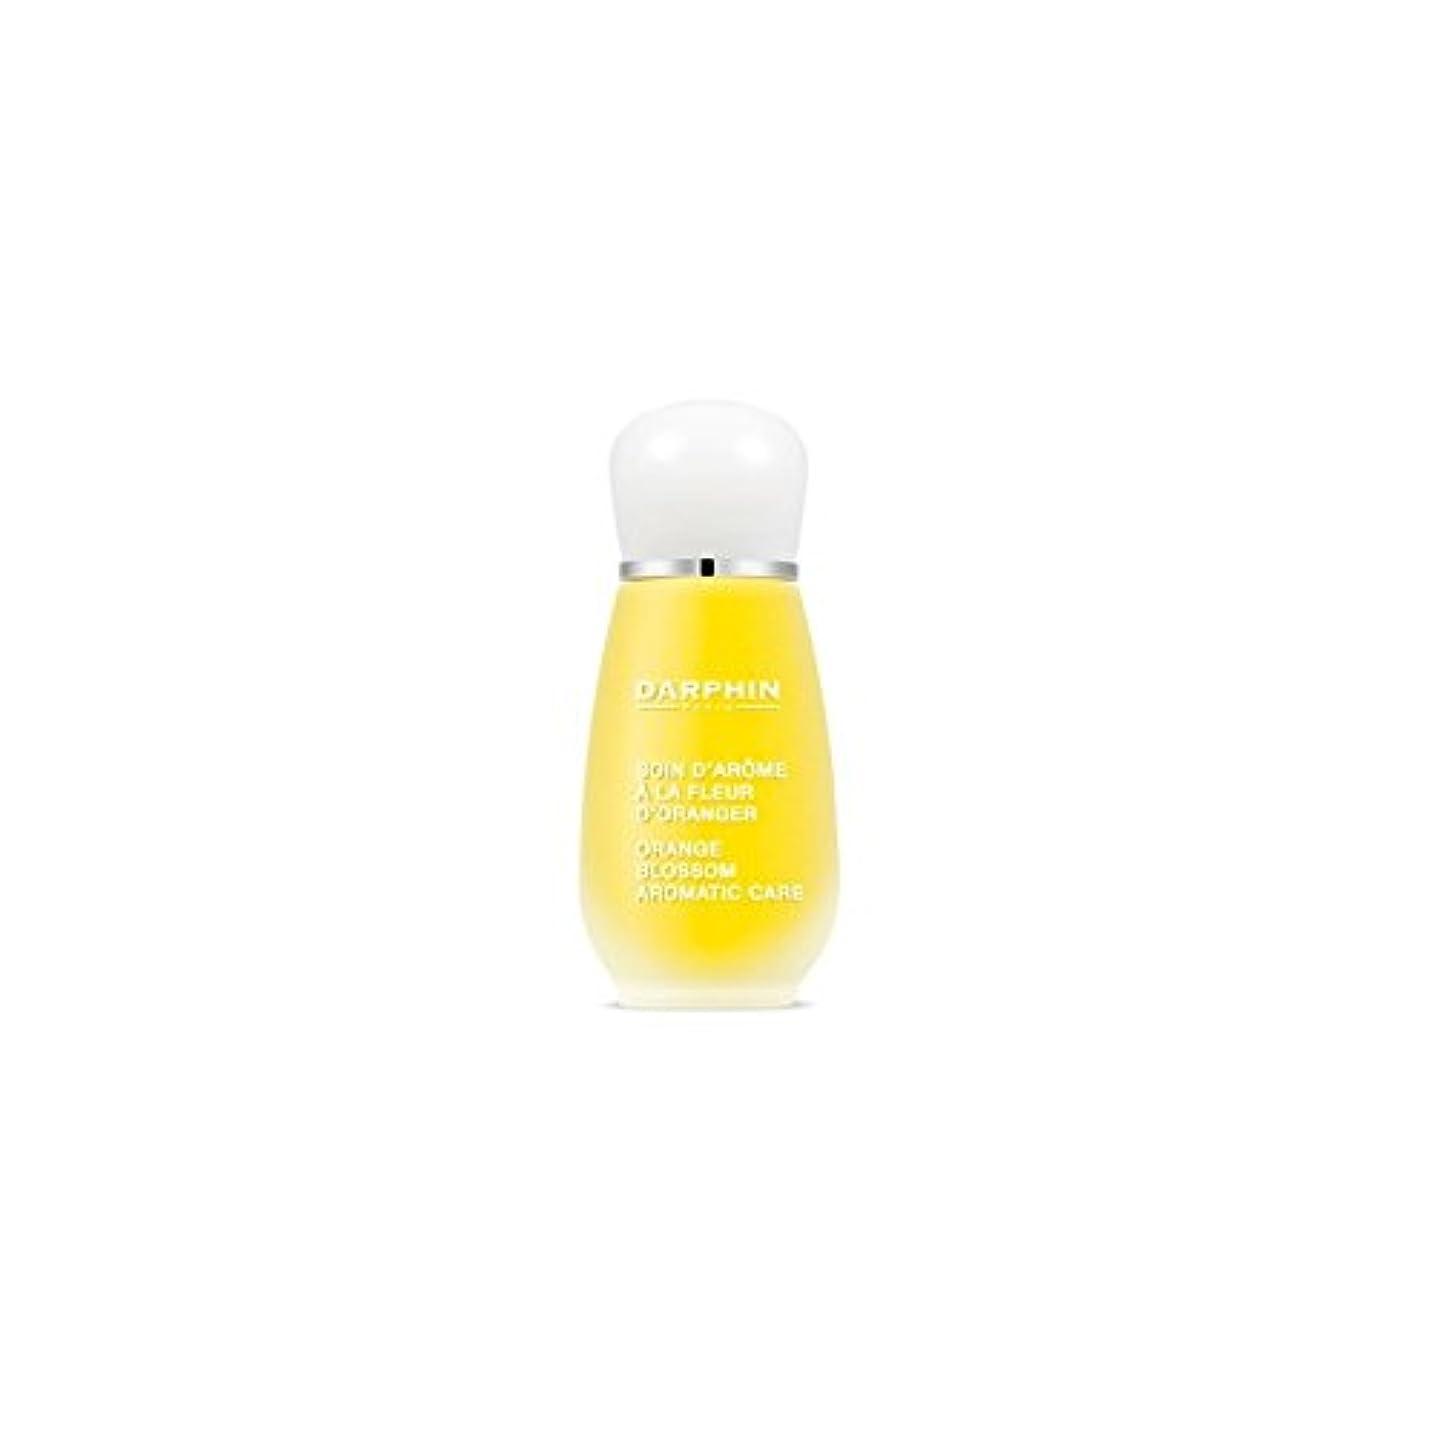 疑いうっかり確立しますダルファンオレンジの花の芳香ケア(15ミリリットル) x4 - Darphin Orange Blossom Aromatic Care (15ml) (Pack of 4) [並行輸入品]